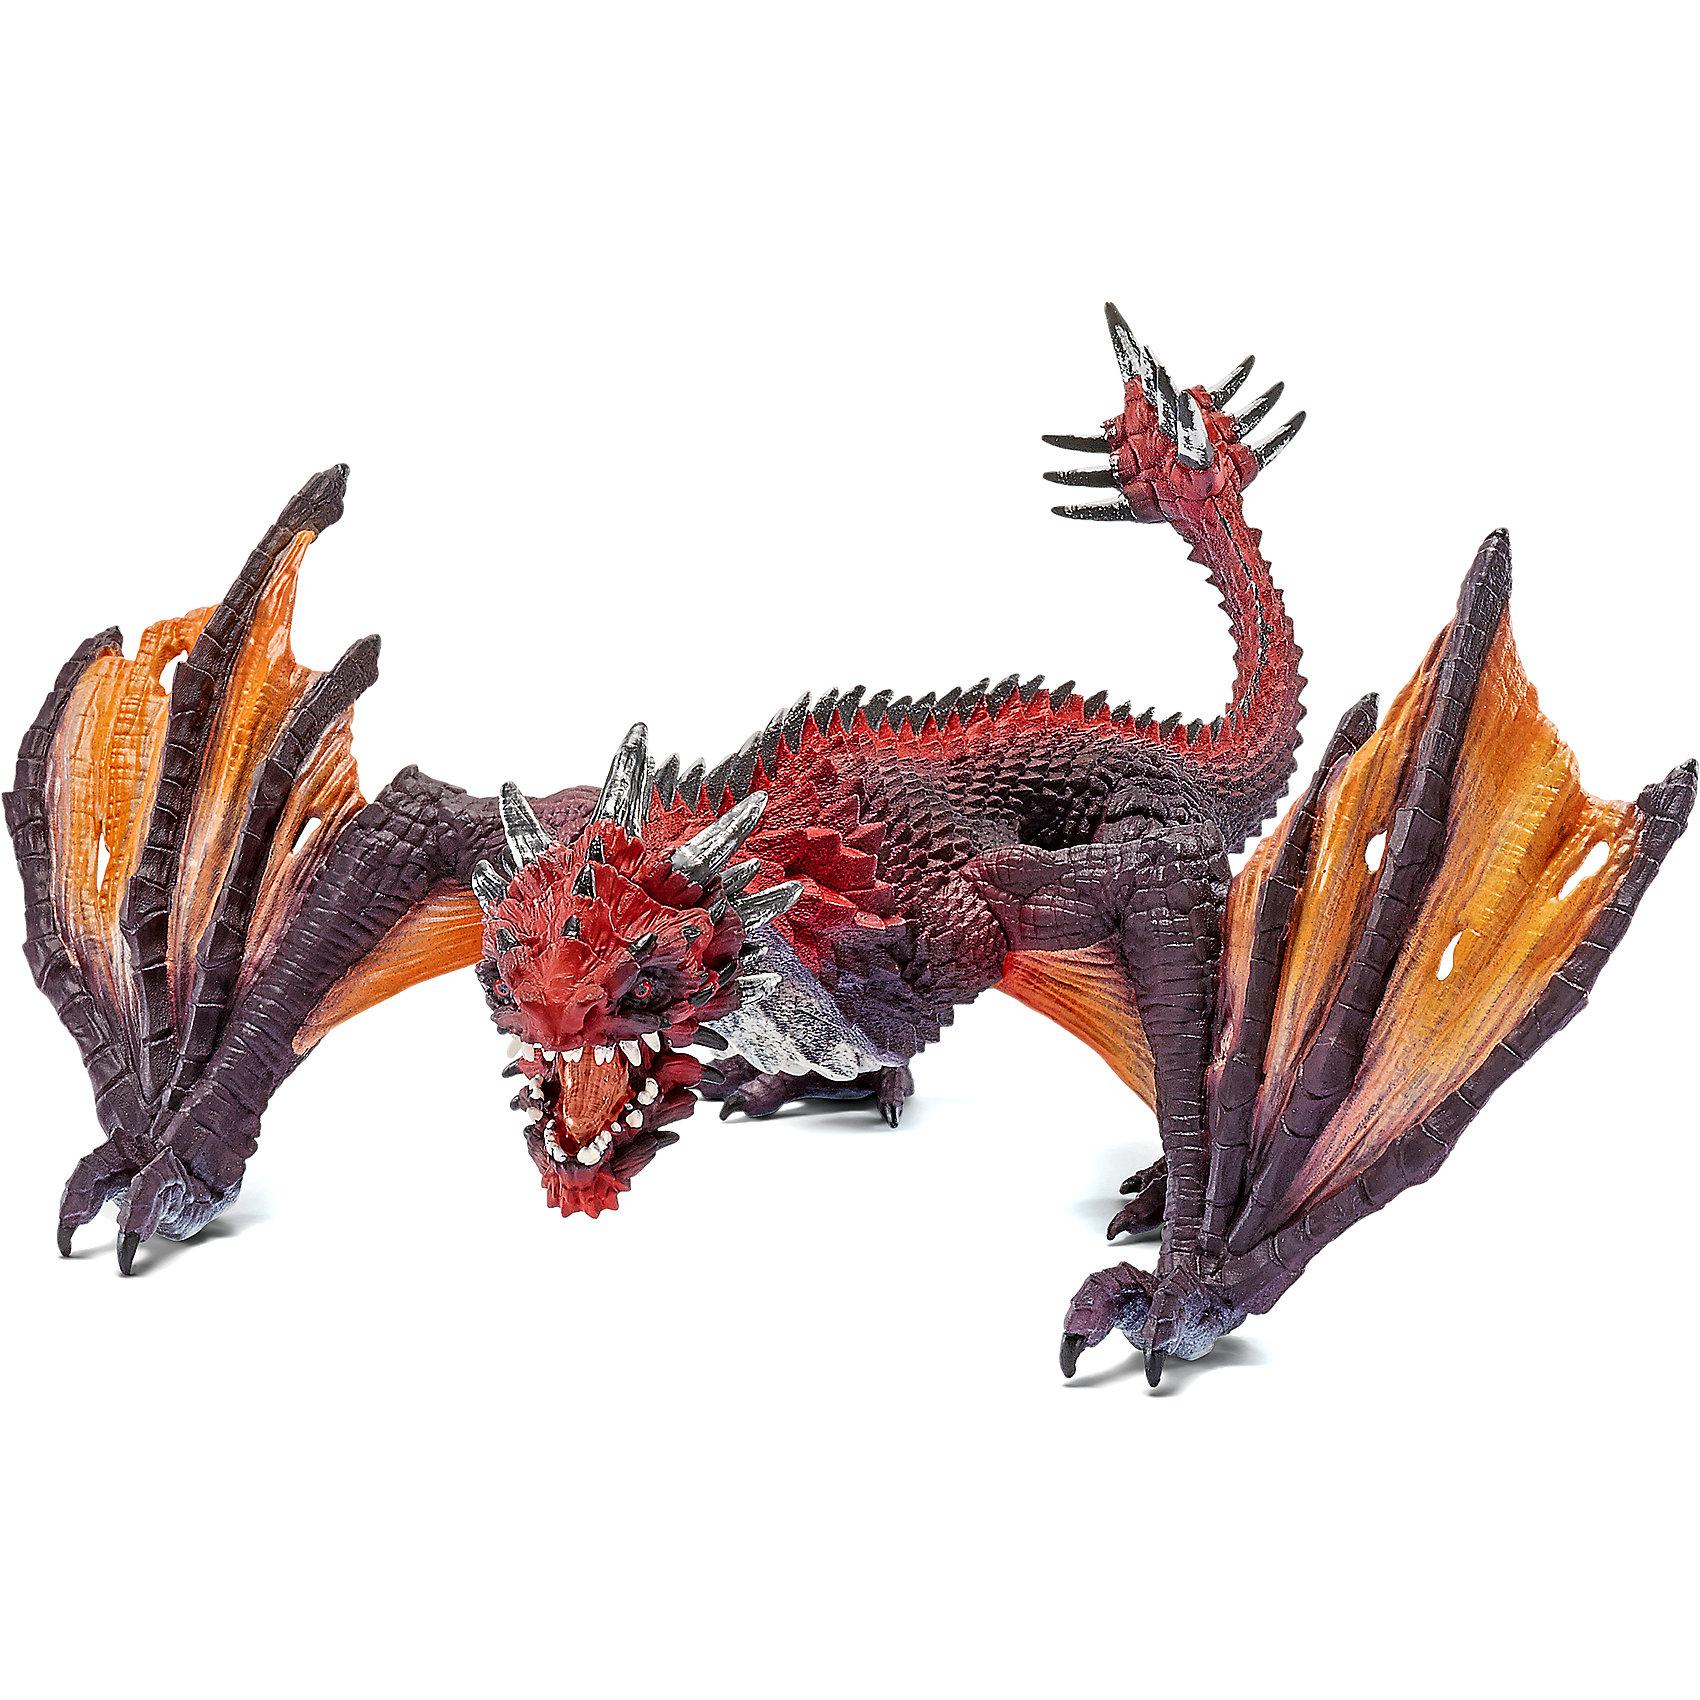 Дракон Боец, SchleichДракон Боец, Schleich (Шляйх) – это высококачественная игровая фигурка.<br>Дракон Боец из серии Рыцари от Schleich (Шляйх) - восхитительная фигурка дракона, которая сделает игры с рыцарями и воинами еще увлекательнее. Дракон Боец самый дикий и самый сильный из всех драконов. Его невероятная сила может привести к ужасным разрушениям. Боевой дракон всегда голоден и ест всё, что попадается на его пути. У дракона могучие лапы, хвост с гигантским шипованным наростом на конце. Фигурка дракона выполнена в оранжевом и коричневом цветах. <br>Прекрасно выполненные фигурки Schleich (Шляйх) отличаются высочайшим качеством игрушек ручной работы. Каждая фигурка разработана с учетом исследований в области педагогики и производится как настоящее произведение для маленьких детских ручек. Все фигурки Schleich (Шляйх) сделаны из гипоаллергенных высокотехнологичных материалов, раскрашены вручную и не вызывают аллергии у ребенка.<br><br>Дополнительная информация:<br><br>- Размер фигурки: 21 х 19,5 х 9 см.<br>- Материал: высококачественный каучуковый пластик<br><br>Фигурку Дракон Боец, Schleich (Шляйх) можно купить в нашем интернет-магазине.<br><br>Ширина мм: 189<br>Глубина мм: 132<br>Высота мм: 101<br>Вес г: 153<br>Возраст от месяцев: 36<br>Возраст до месяцев: 96<br>Пол: Мужской<br>Возраст: Детский<br>SKU: 3829727